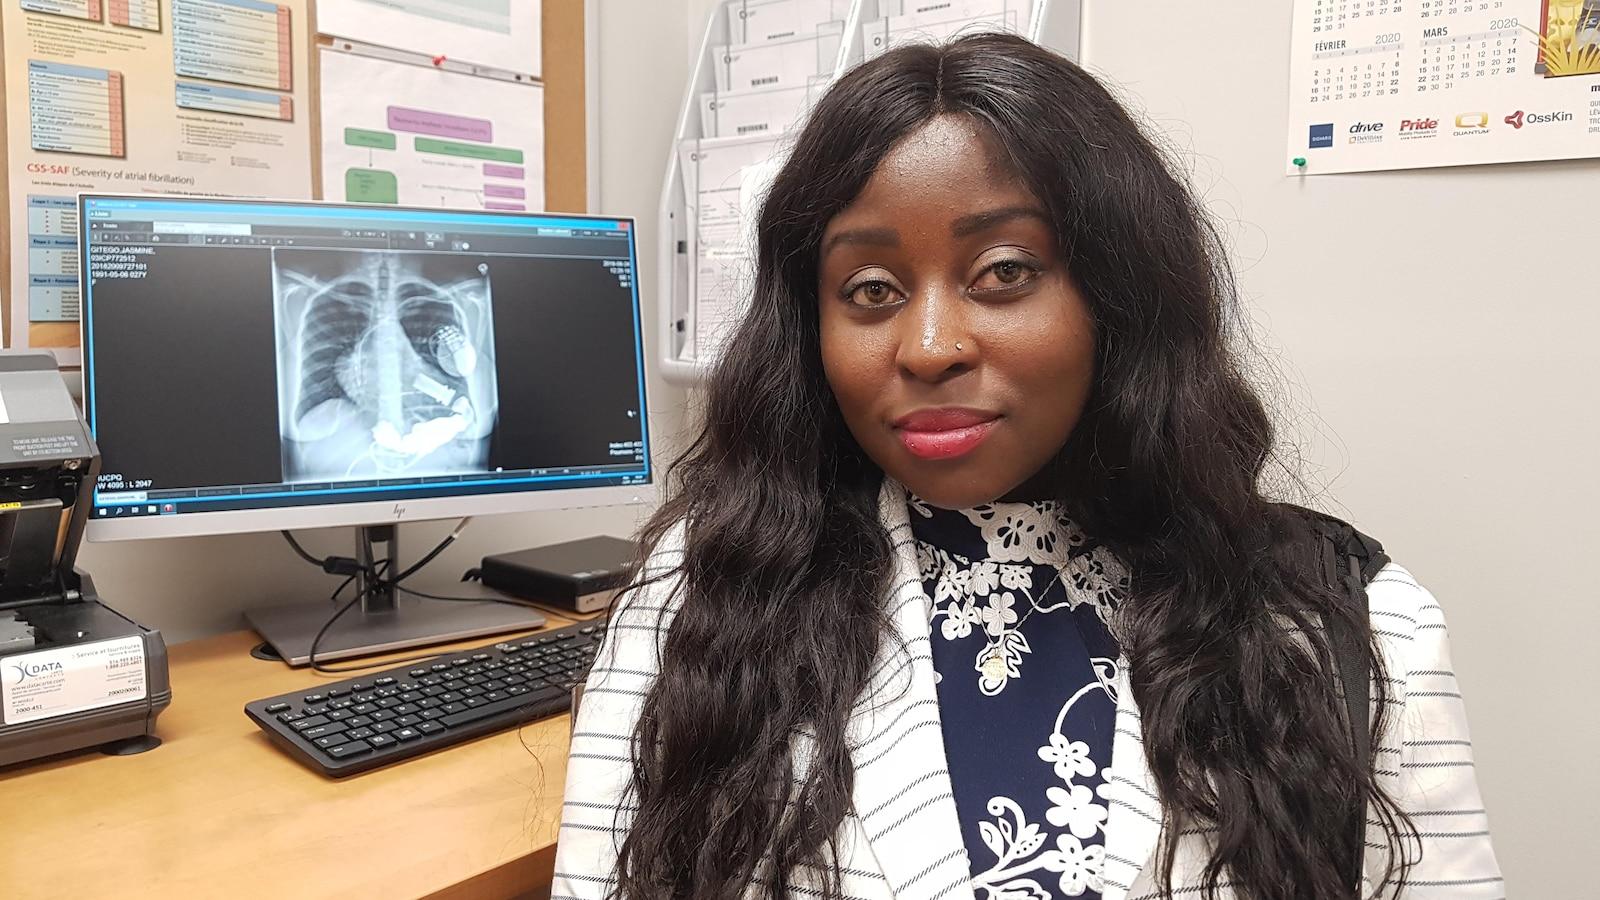 Jasmine Gitego assise devant l'écran de l'ordinateur où la radiographie de sa poitrine montre le cœur mécanique.